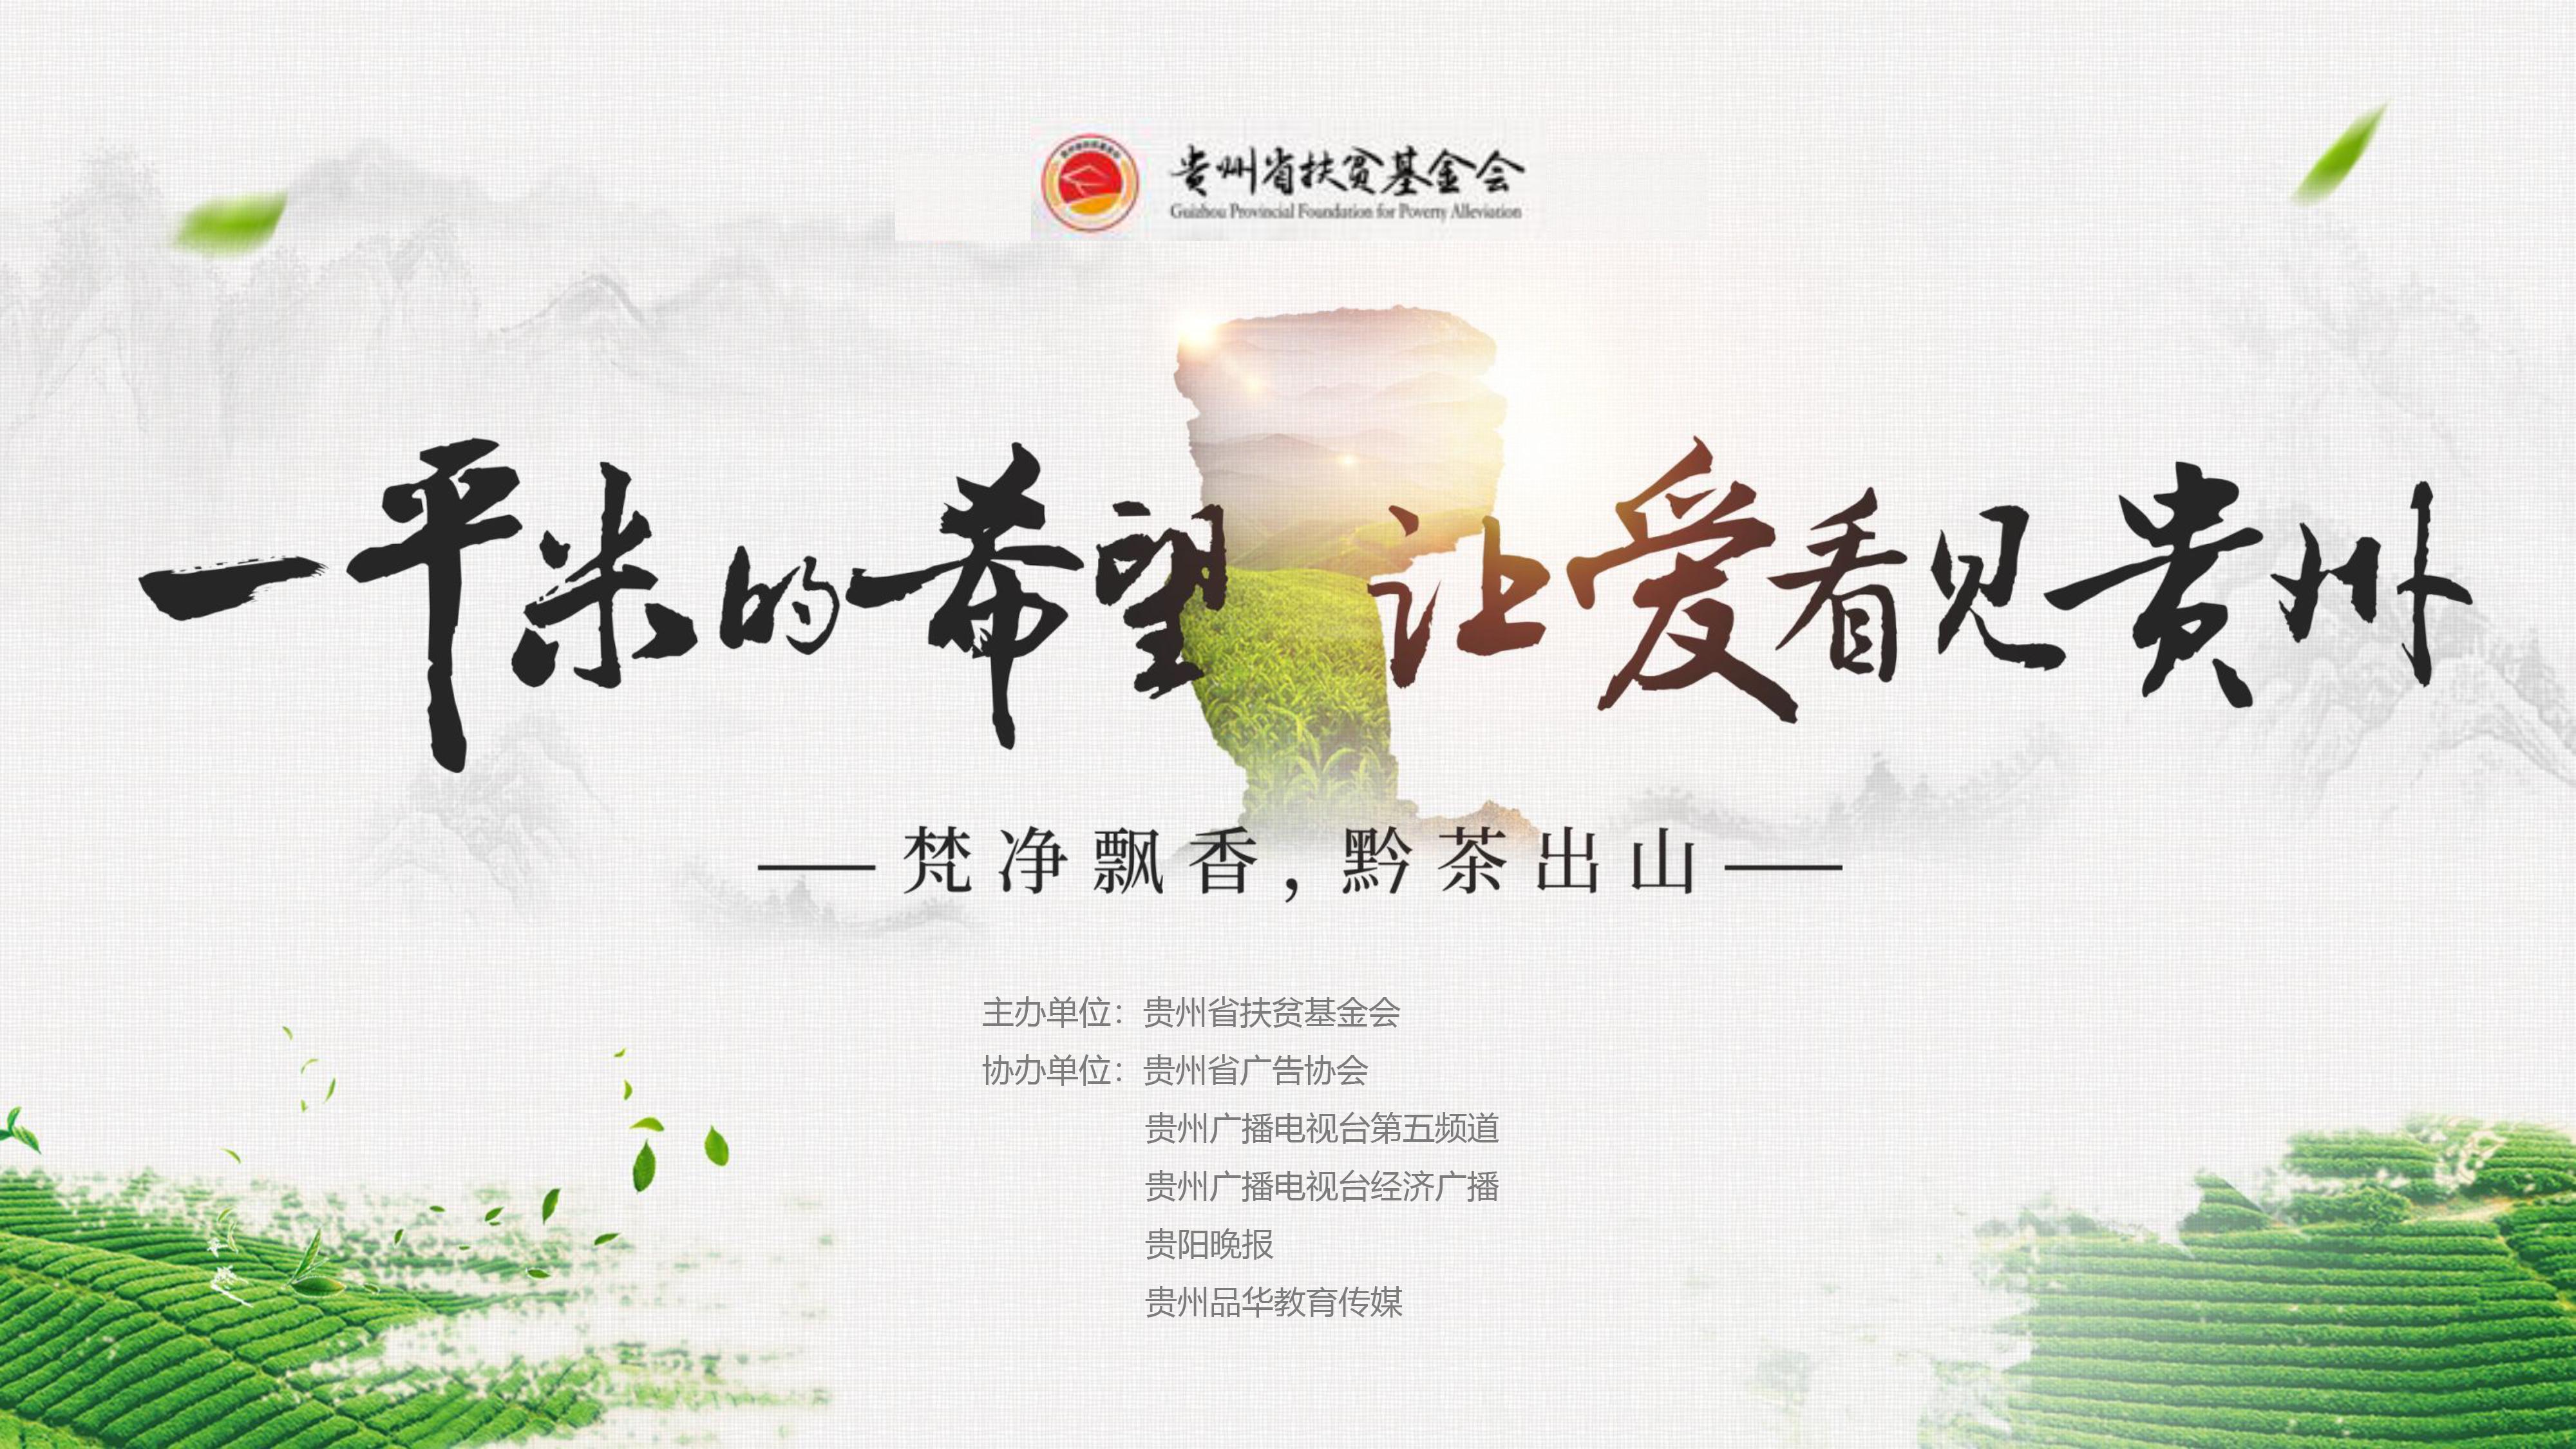 一平米希望(1210广协定稿)-1.jpg